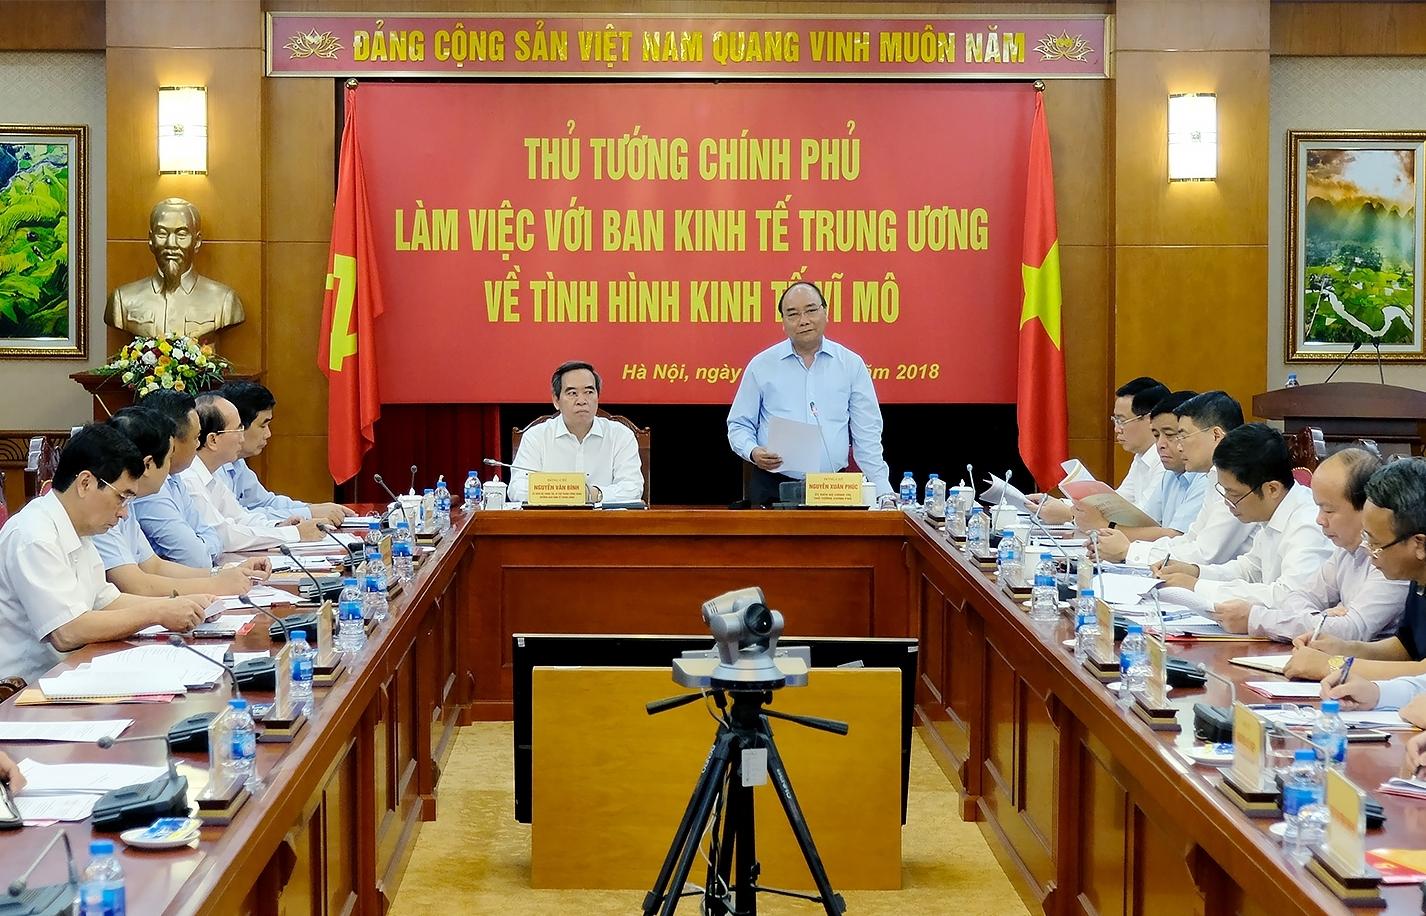 thu tuong chinh phu lam viec voi ban kinh te trung uong